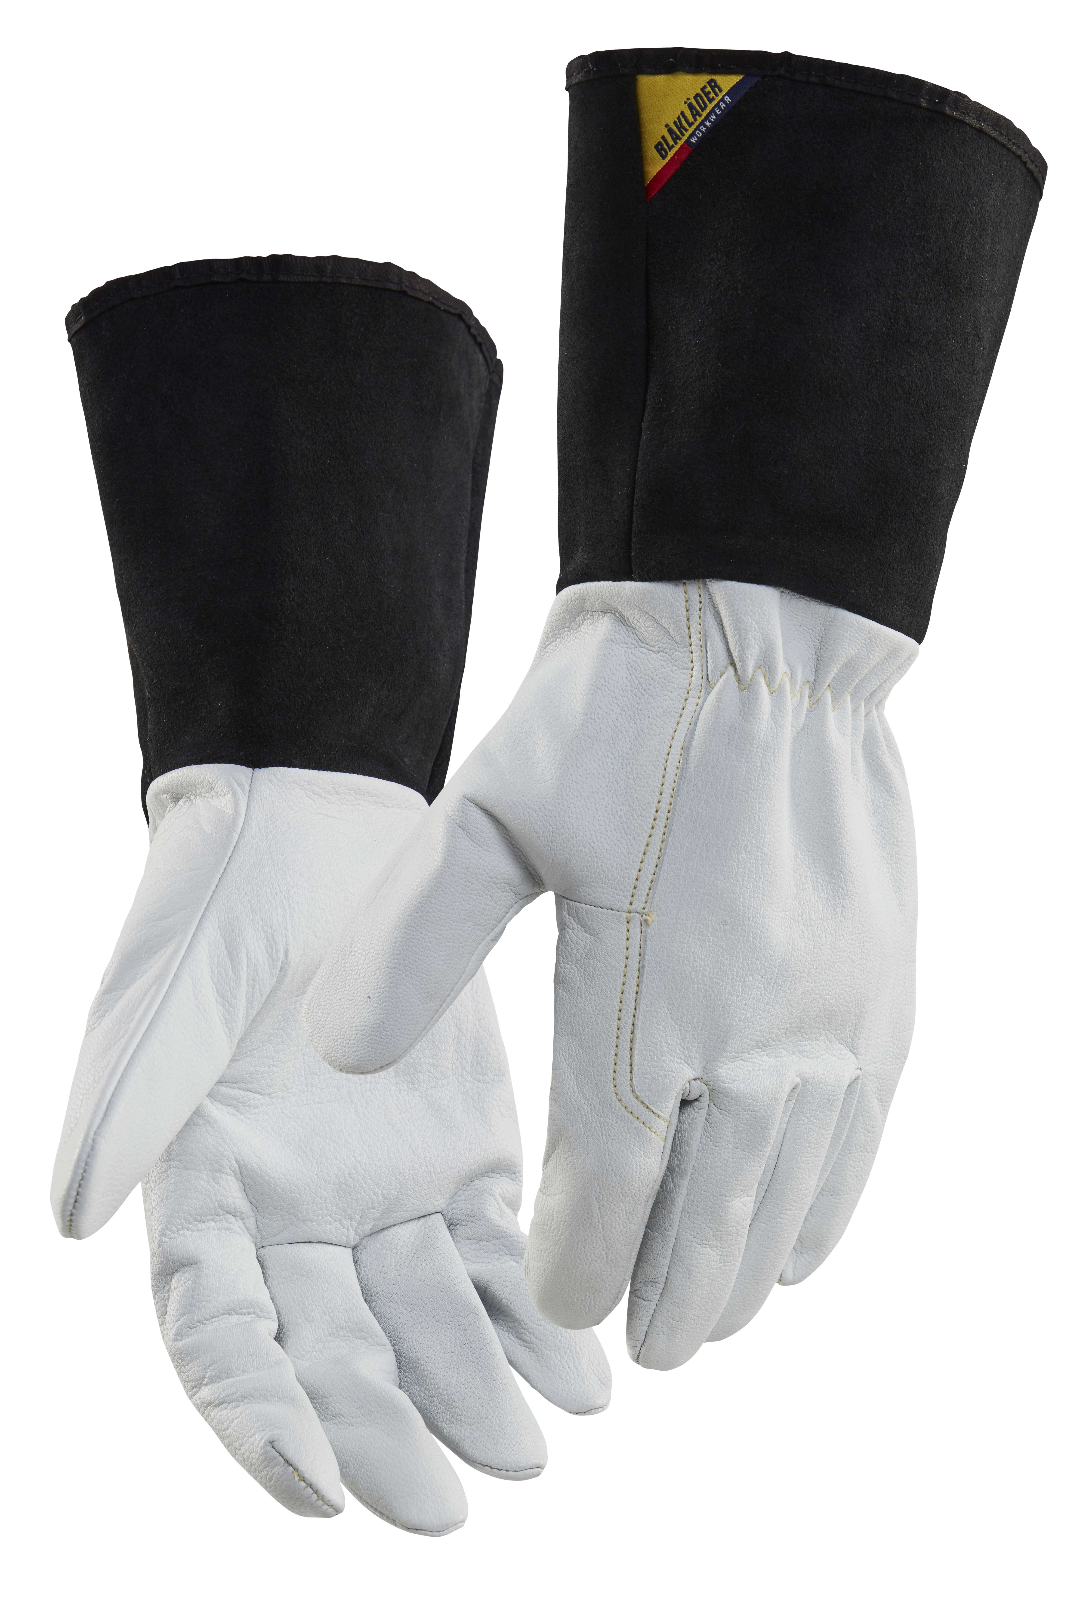 Blaklader Handschoenen 28391460 wit-donkergrijs(1098)